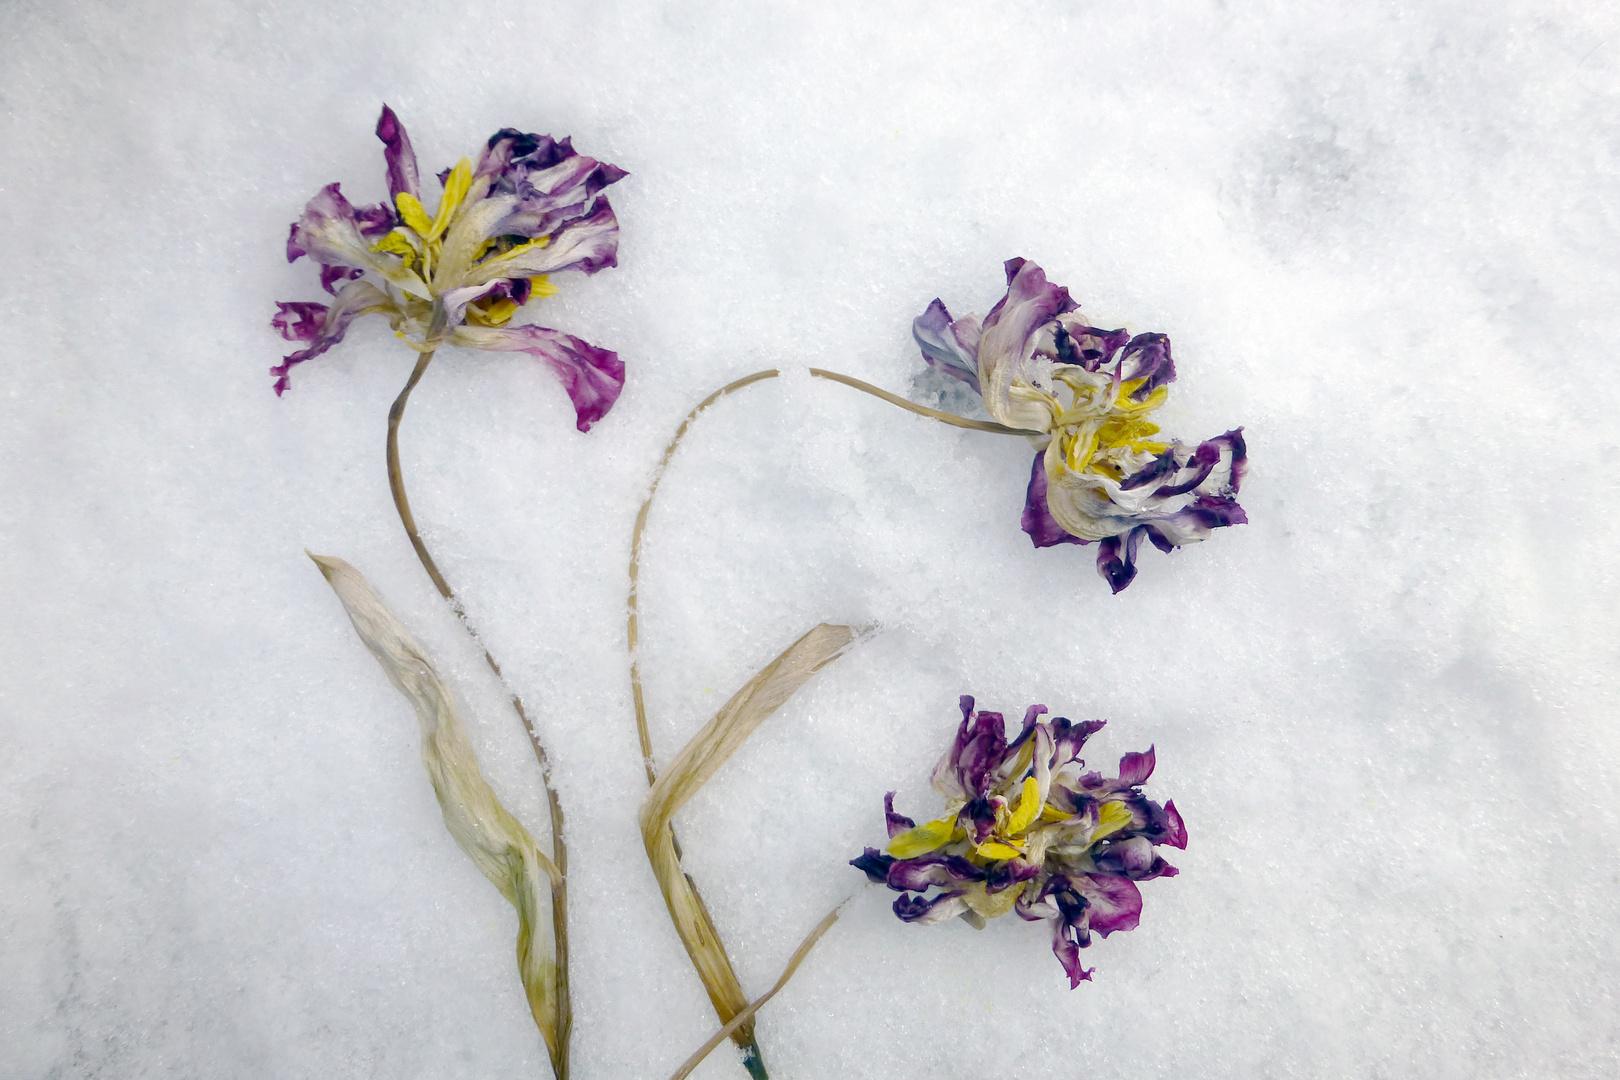 Blumen im Schnee